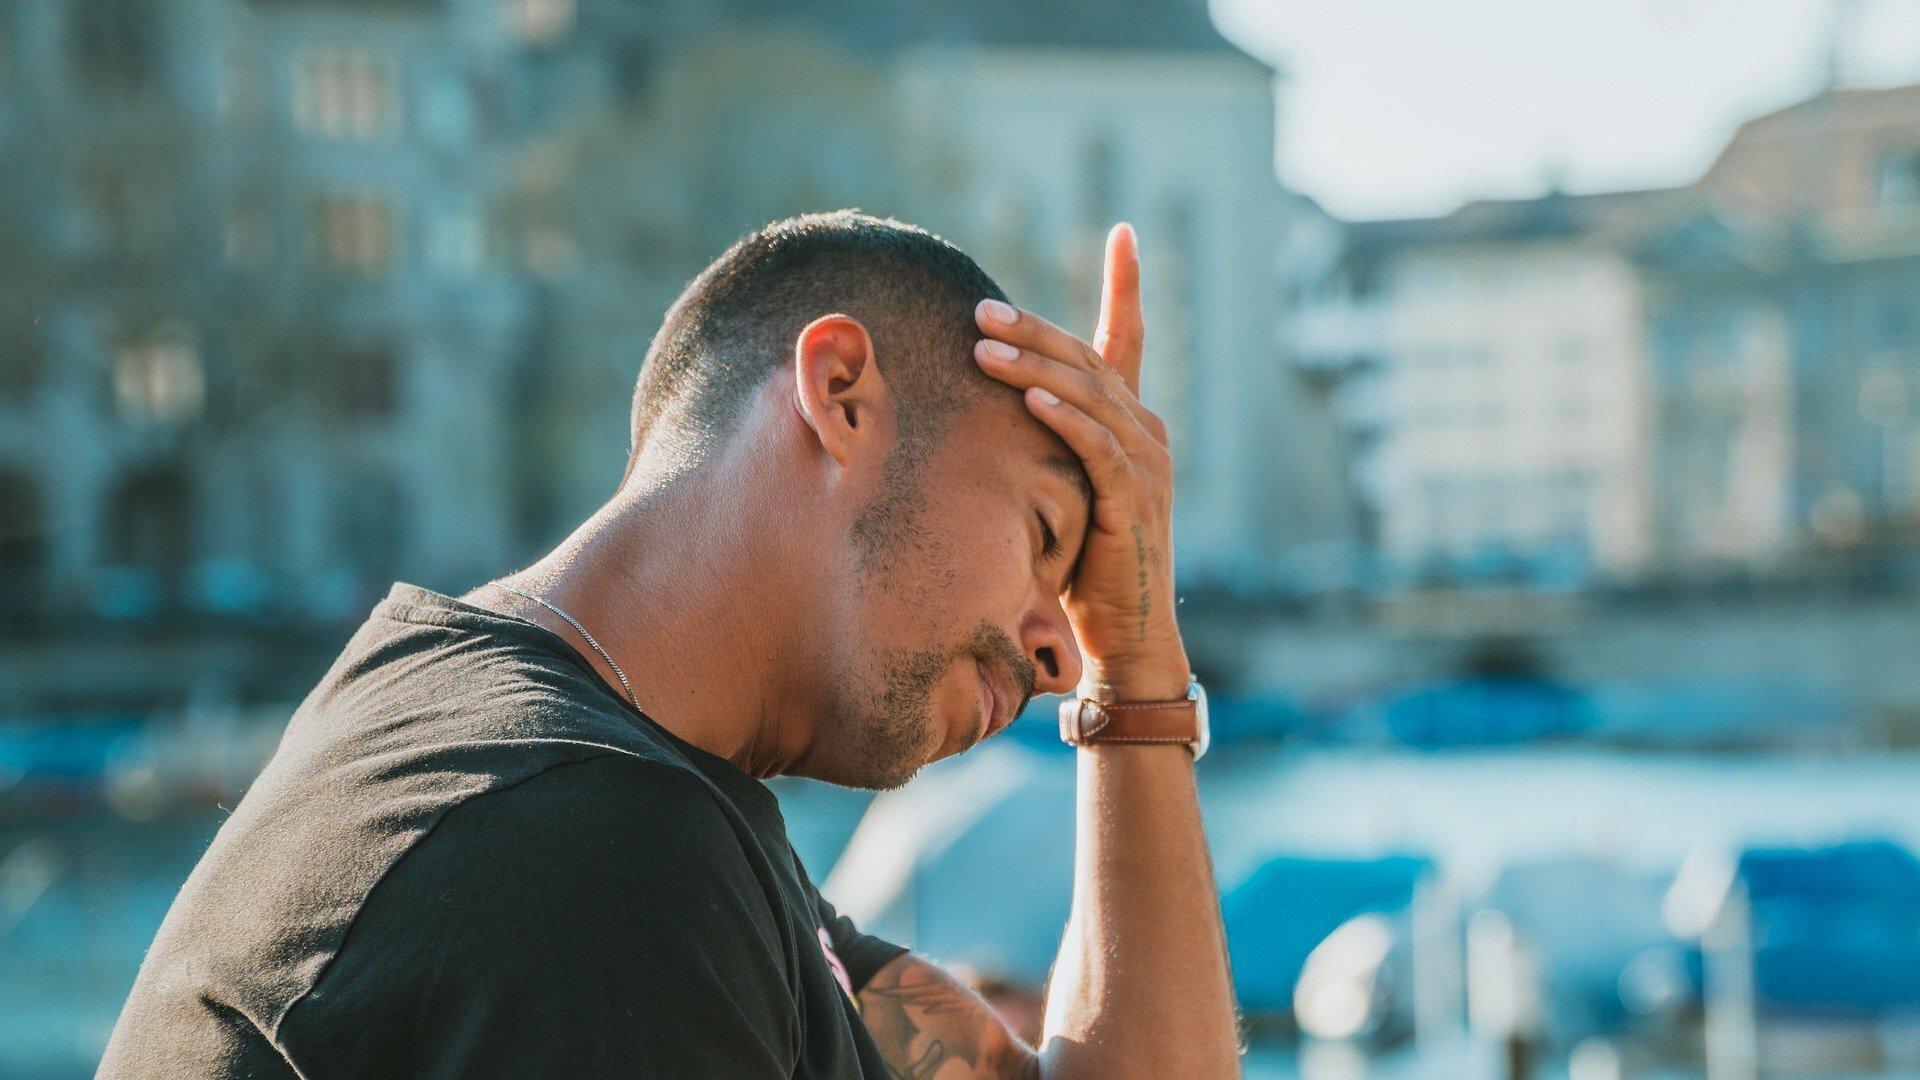 Ein junger Mann fasst sich mit der Hand an die Stirn. Er ist erschöpft.